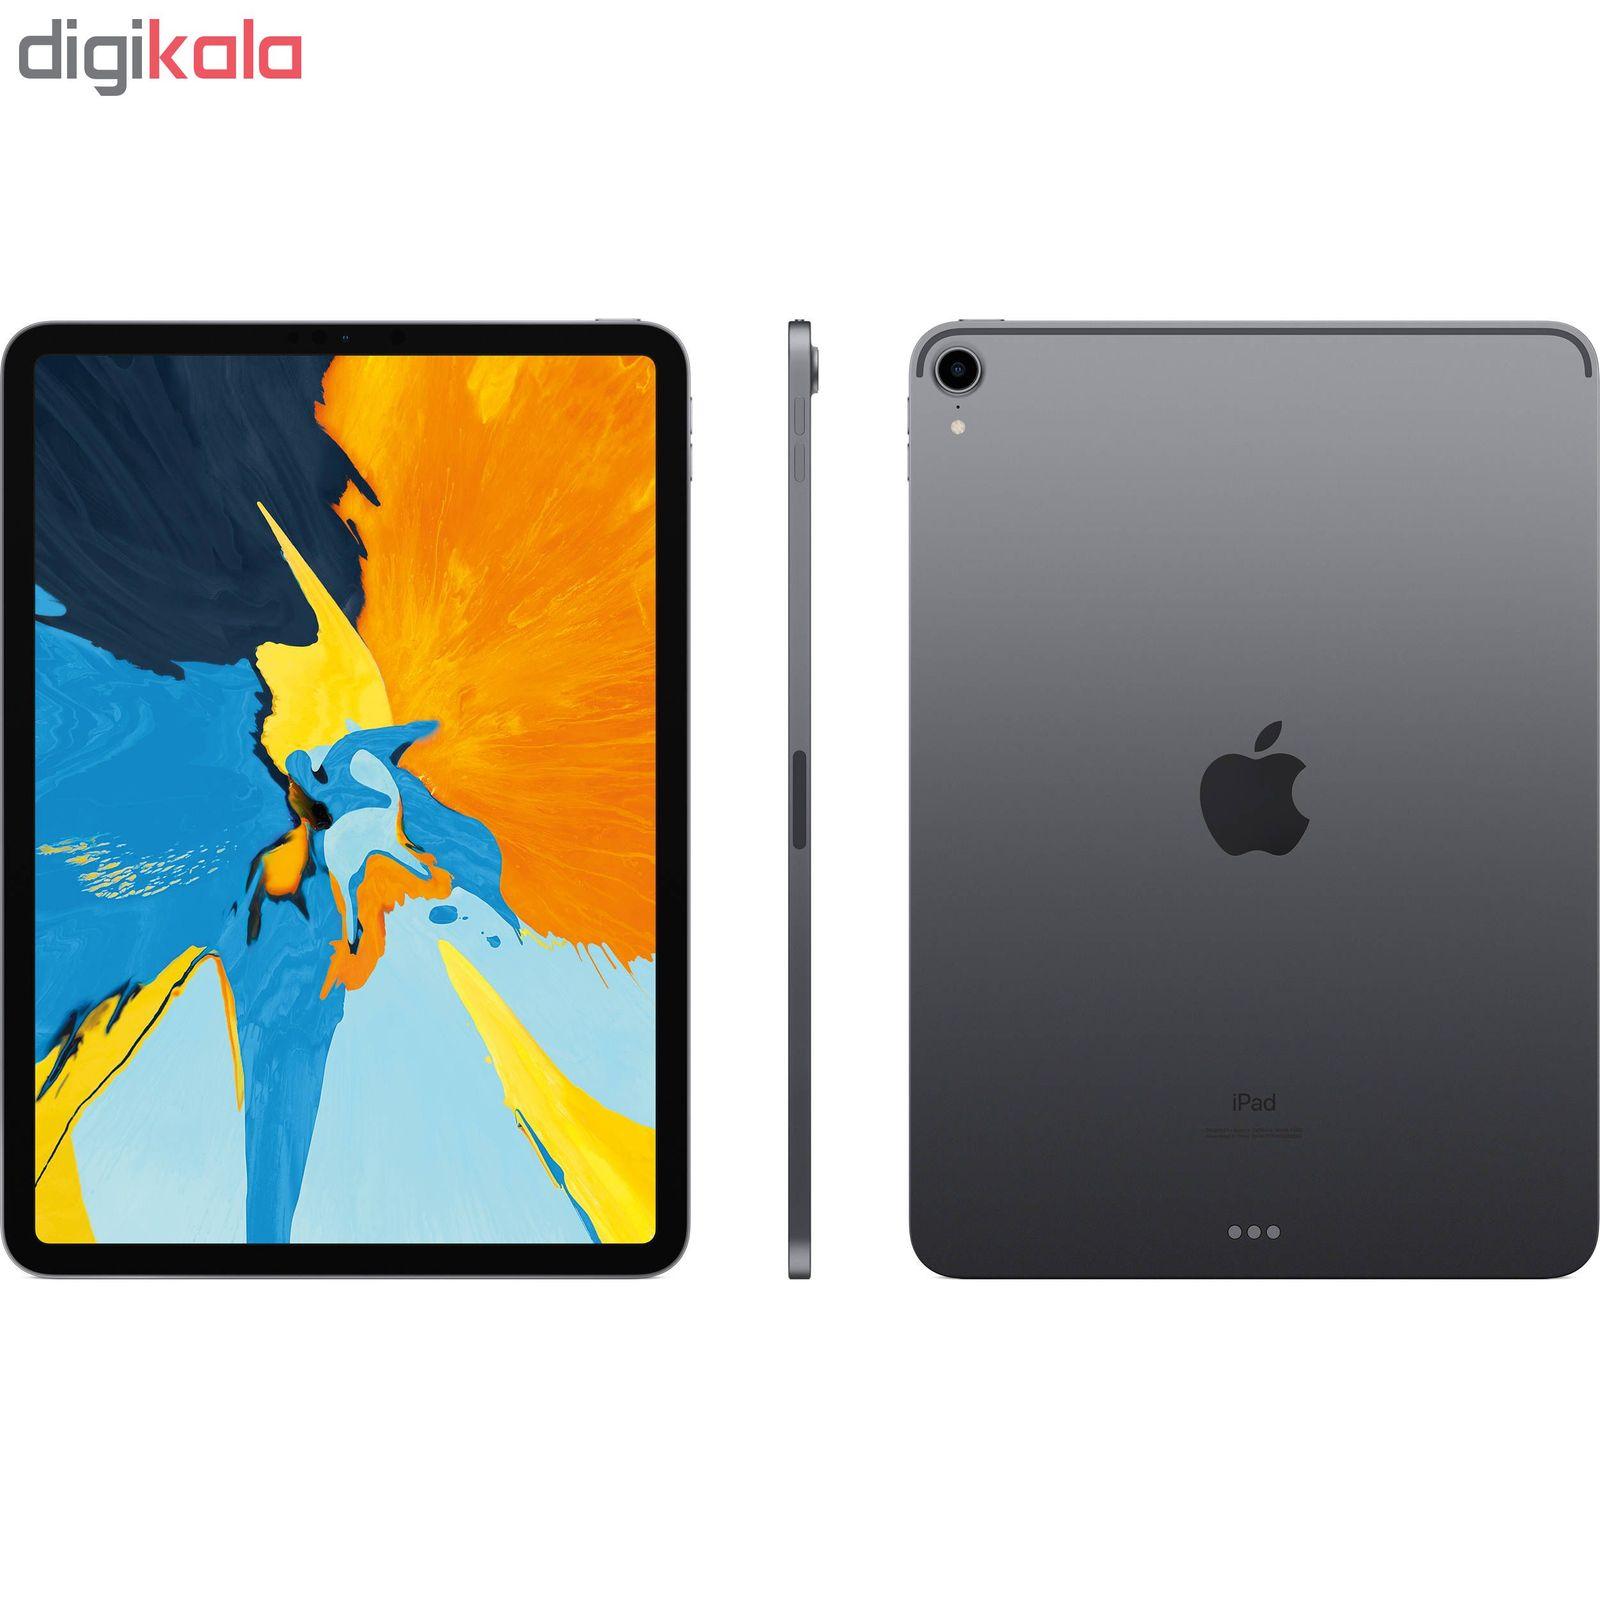 تبلت اپل مدل iPad Pro 2018 11 inch WiFi ظرفیت 256 گیگابایت main 1 3